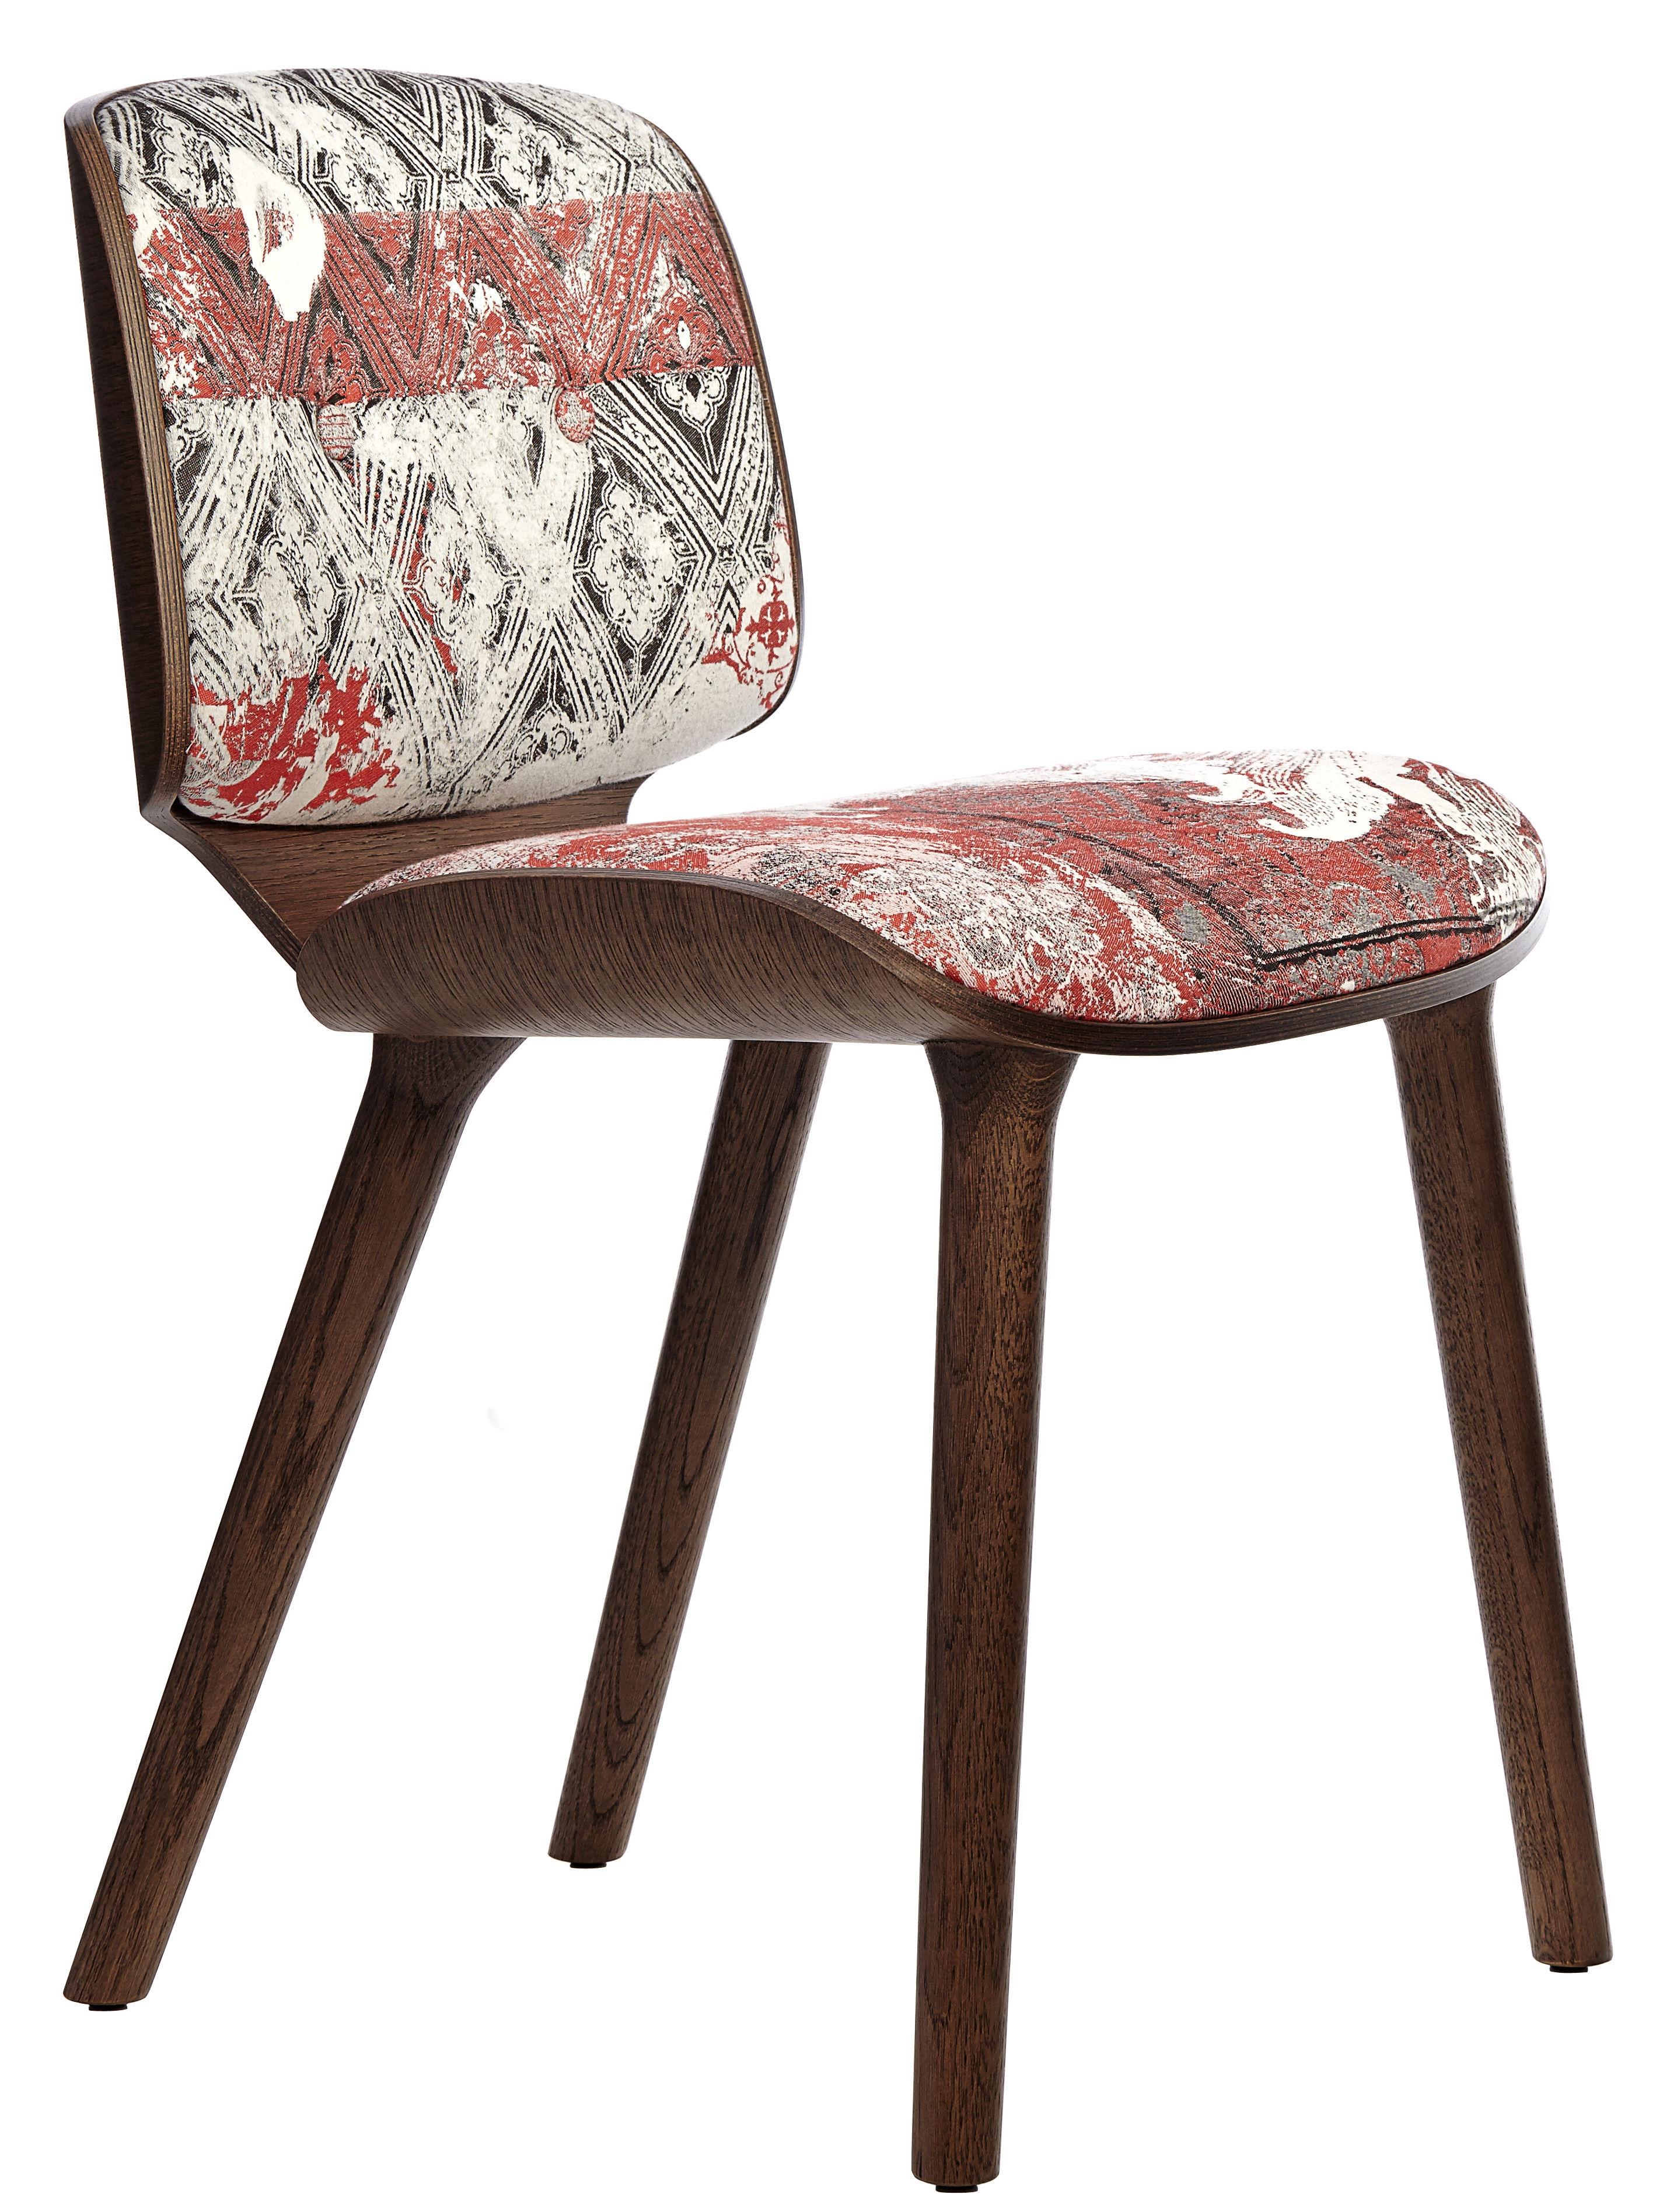 Mobilier - Chaises, fauteuils de salle à manger - Chaise rembourrée Nut Dining - Moooi - Tons rouges / Structure : bois cannelle - Chêne massif, Contreplaqué de chêne, Mousse, Tissu